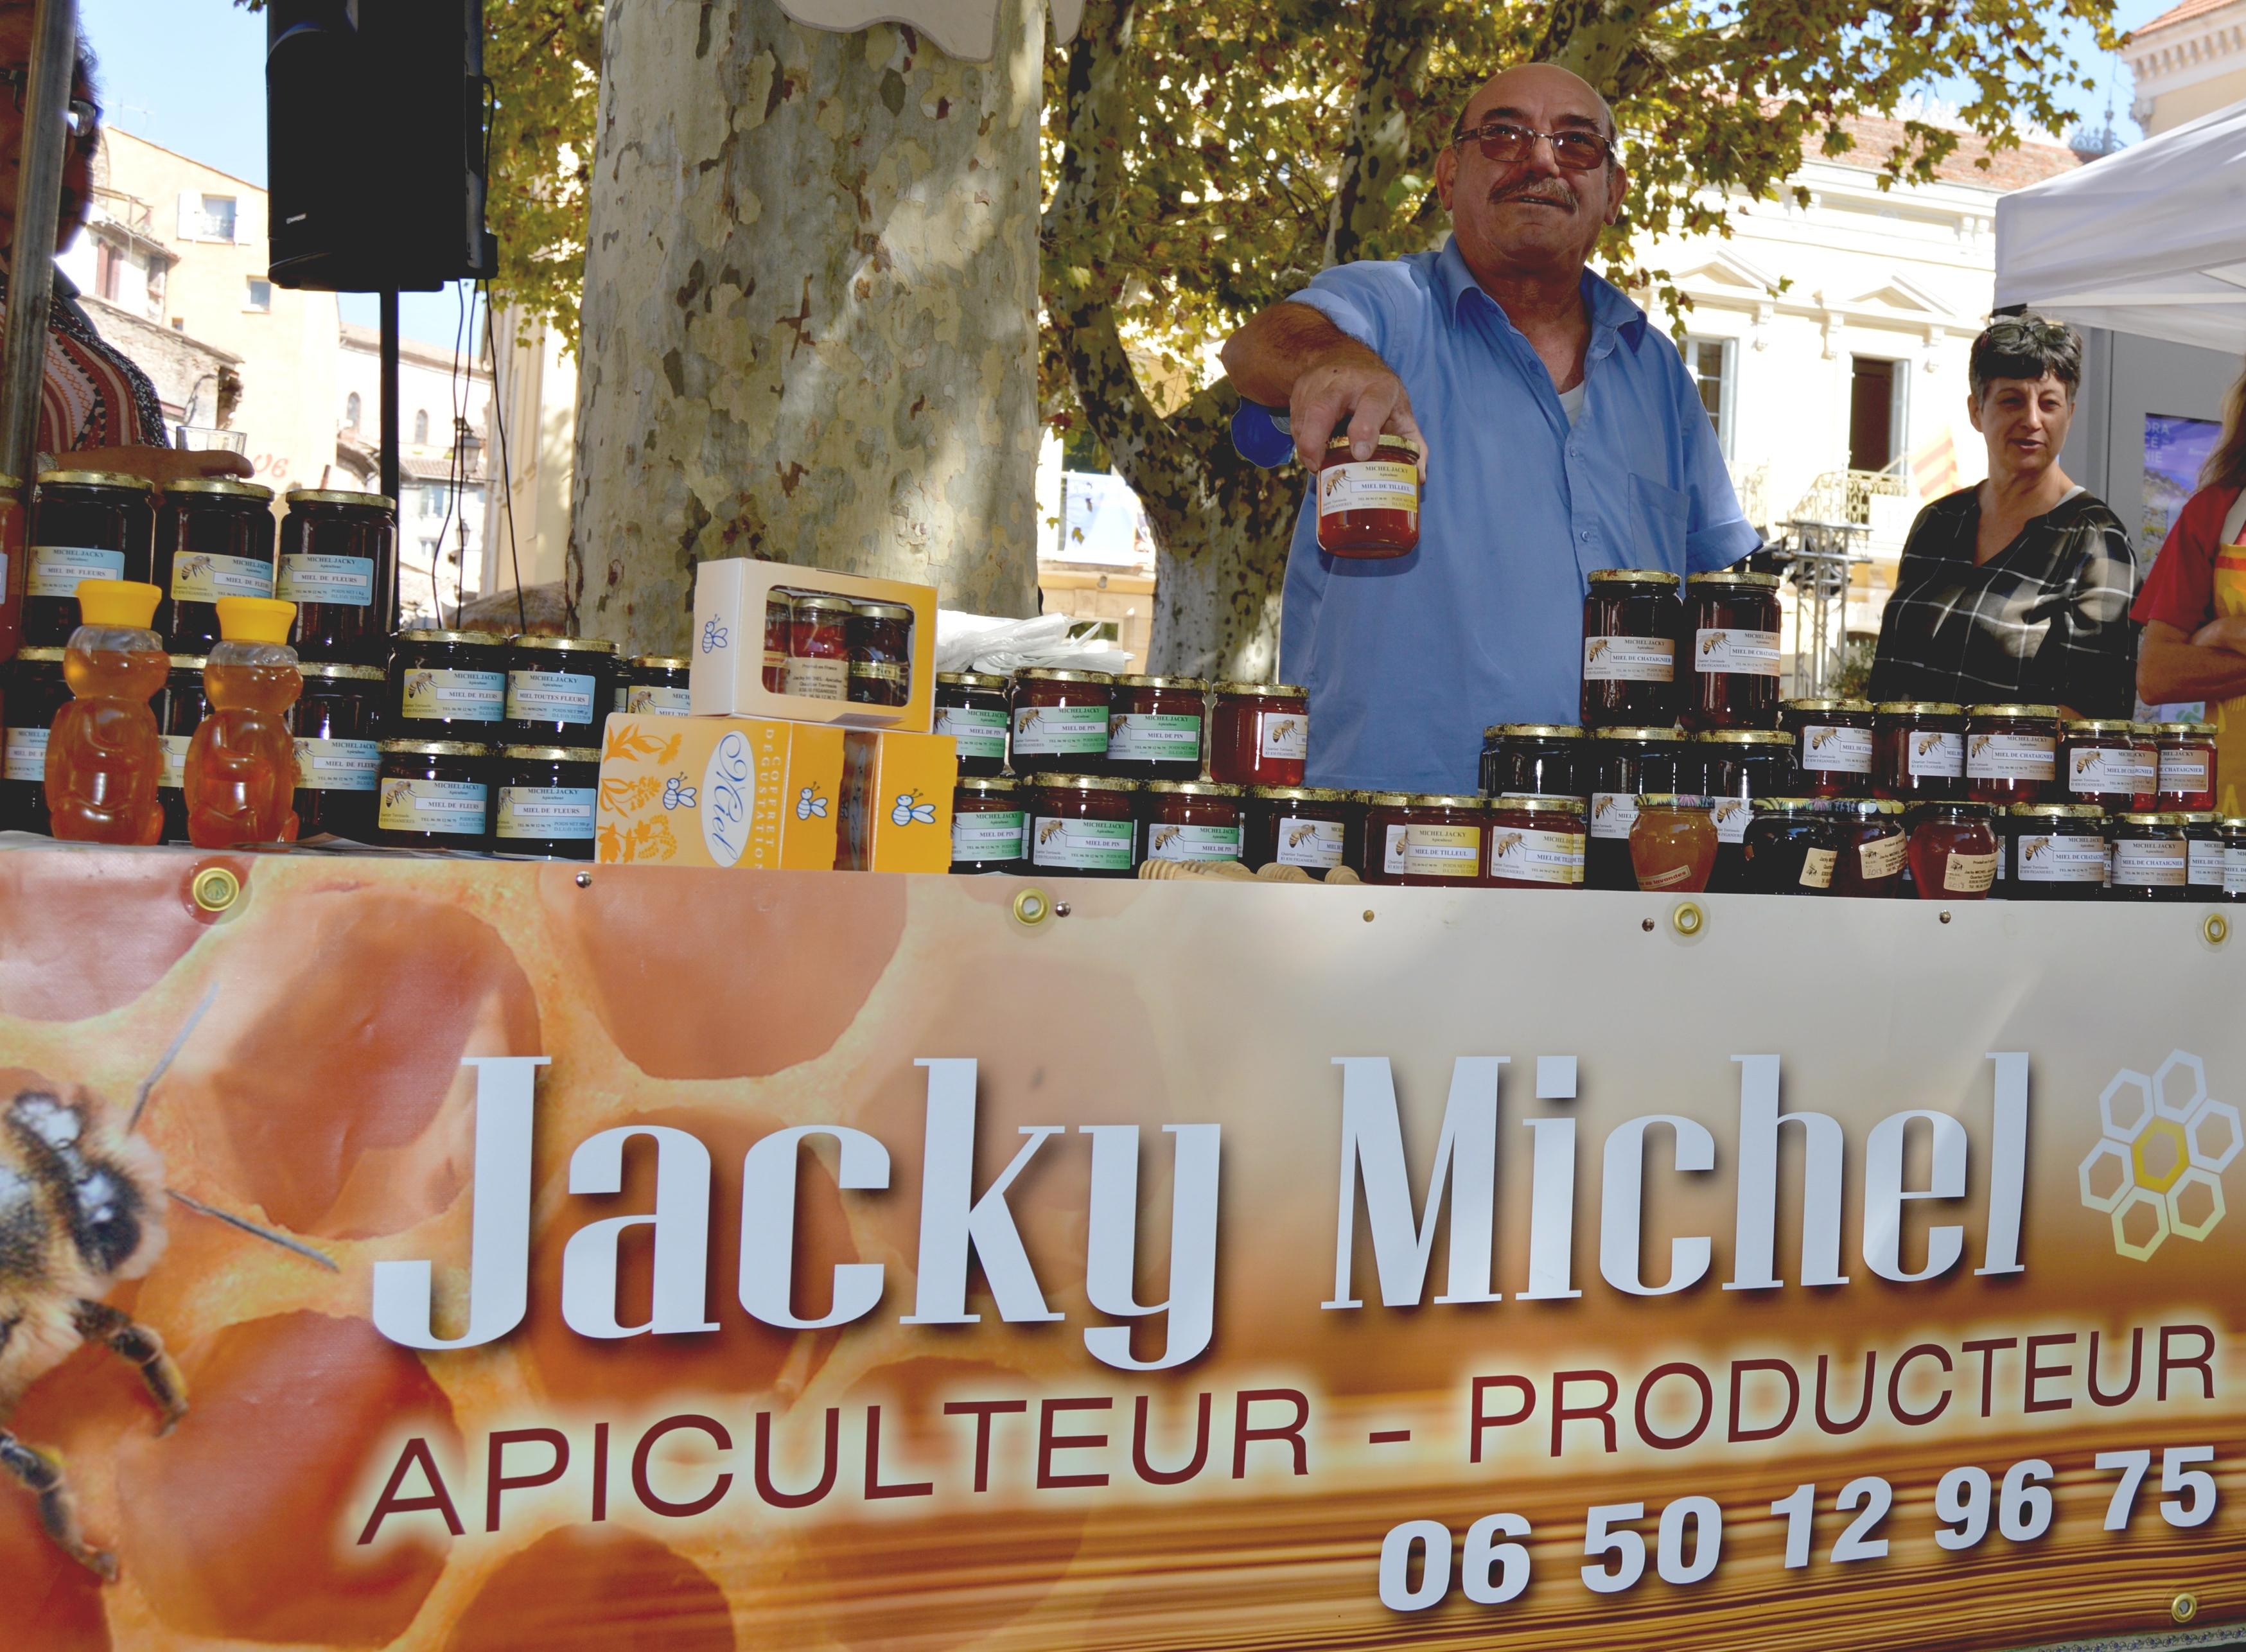 Jacky Michel